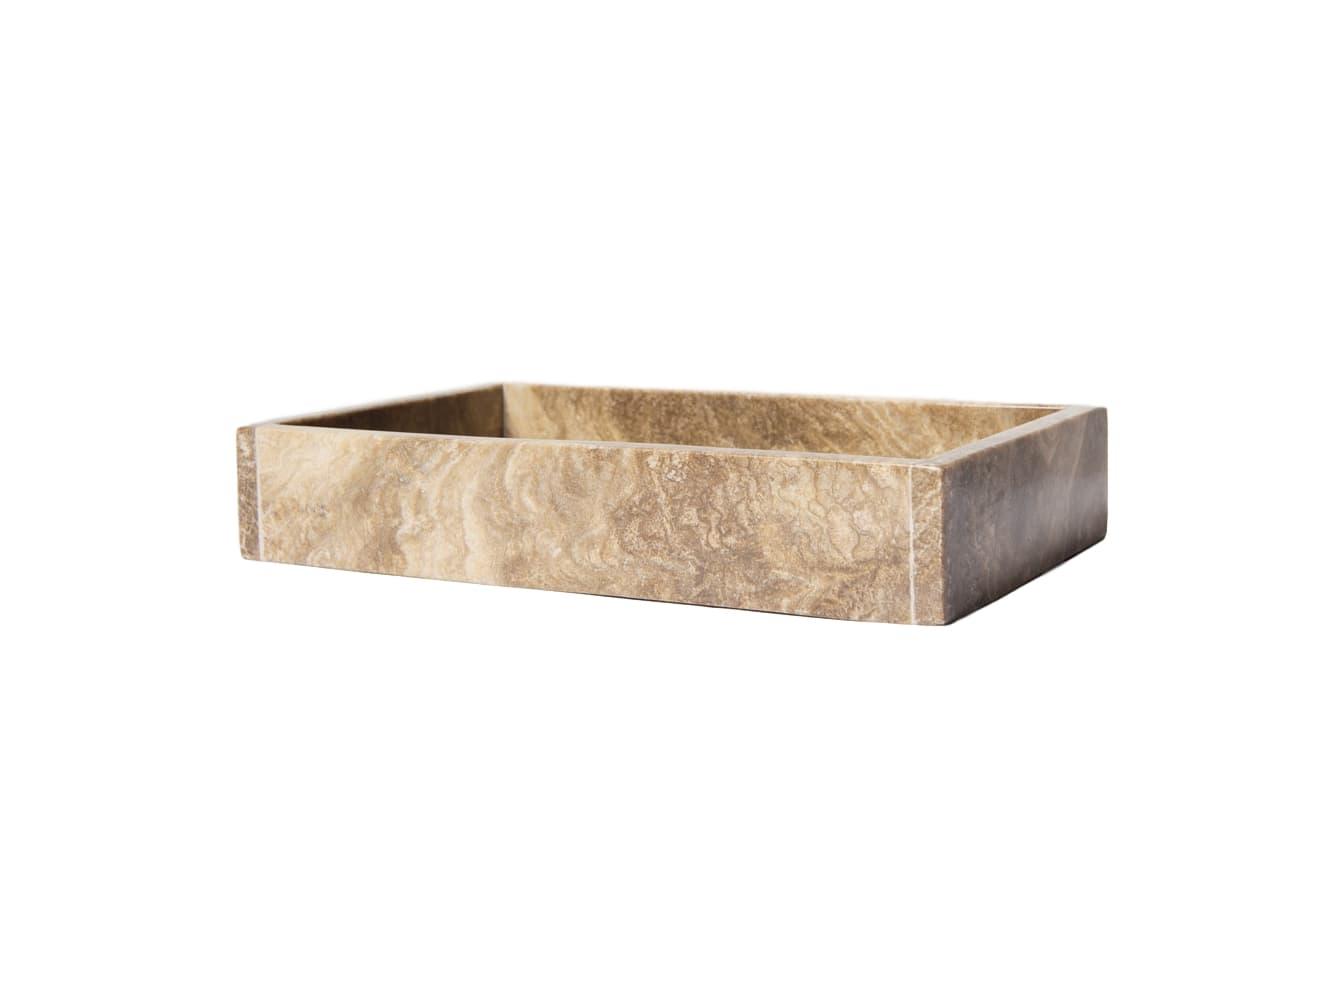 Поднос MarbleАксессуары для ванной<br>Этот массивный поднос выполнен из натурального мрамора коричневого цвета. Каждый поднос из этой серии имеет свою неповторимую цветовую гамму, заданную самой природой.&amp;amp;nbsp;<br><br>Material: Мрамор<br>Length см: None<br>Width см: 27<br>Depth см: 17<br>Height см: 5<br>Diameter см: None